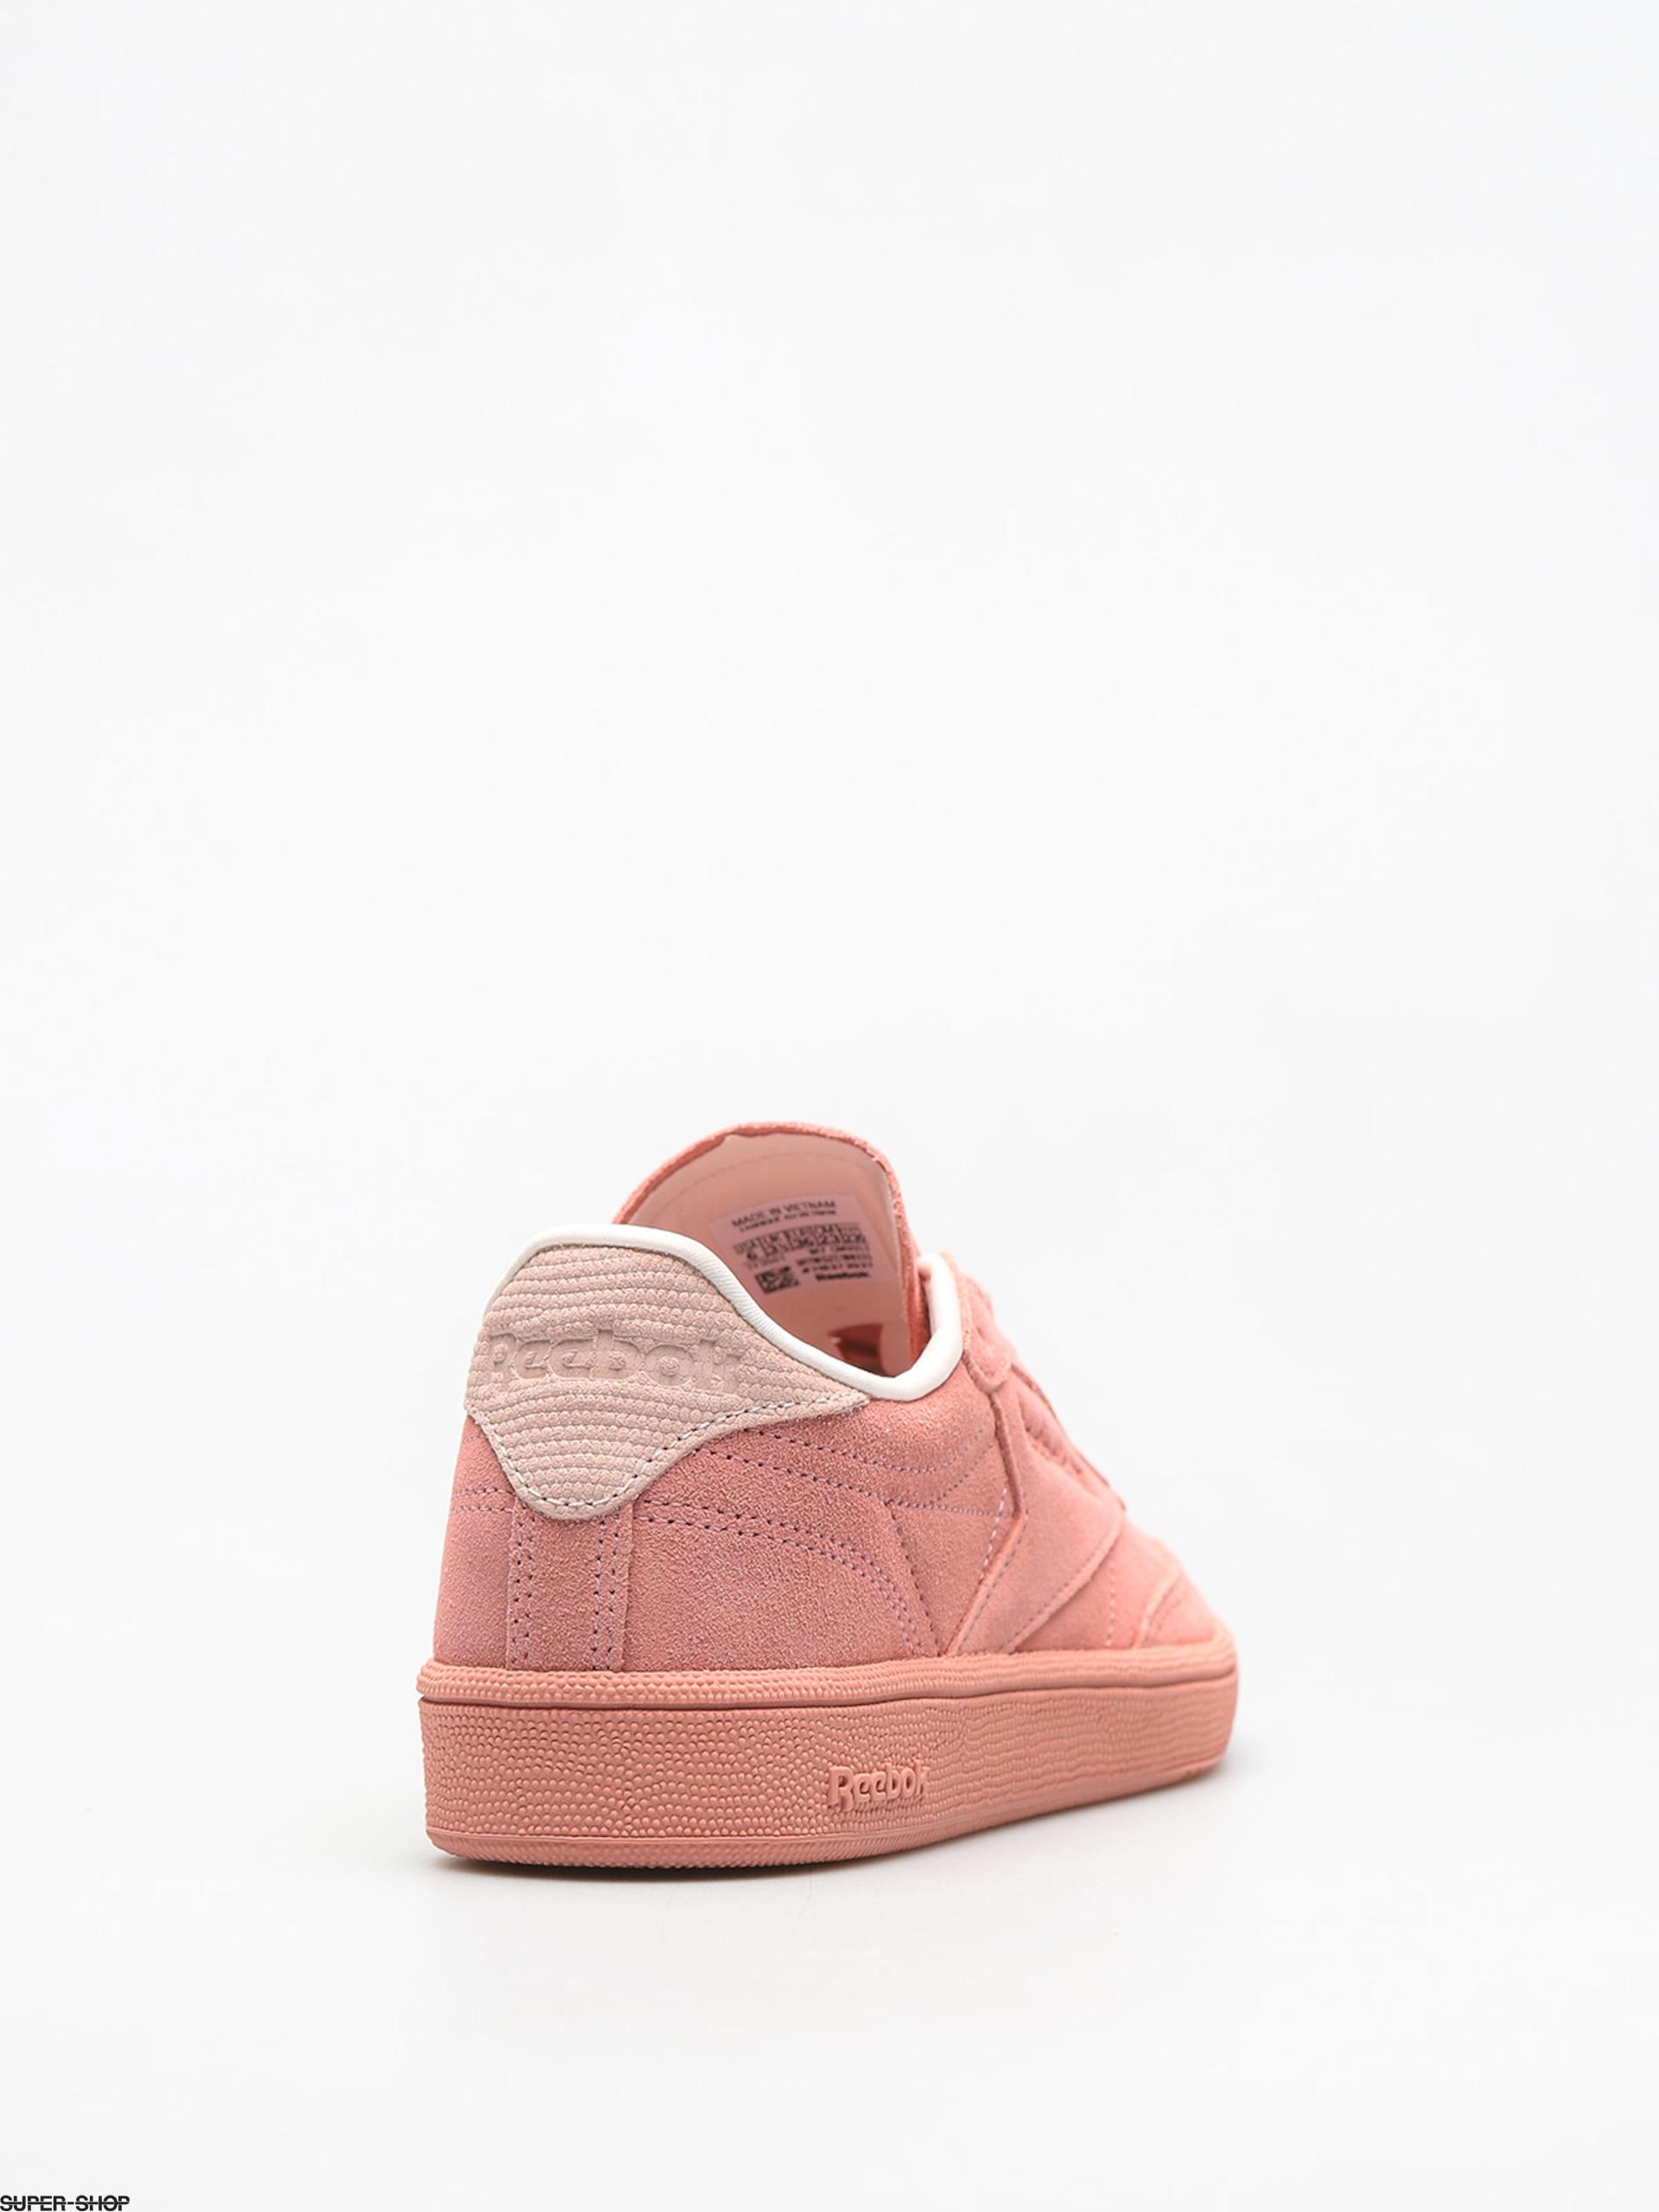 420a886e6a5 Reebok Shoes Club C 85 Nbk Wmn (chalk pink pale pink)